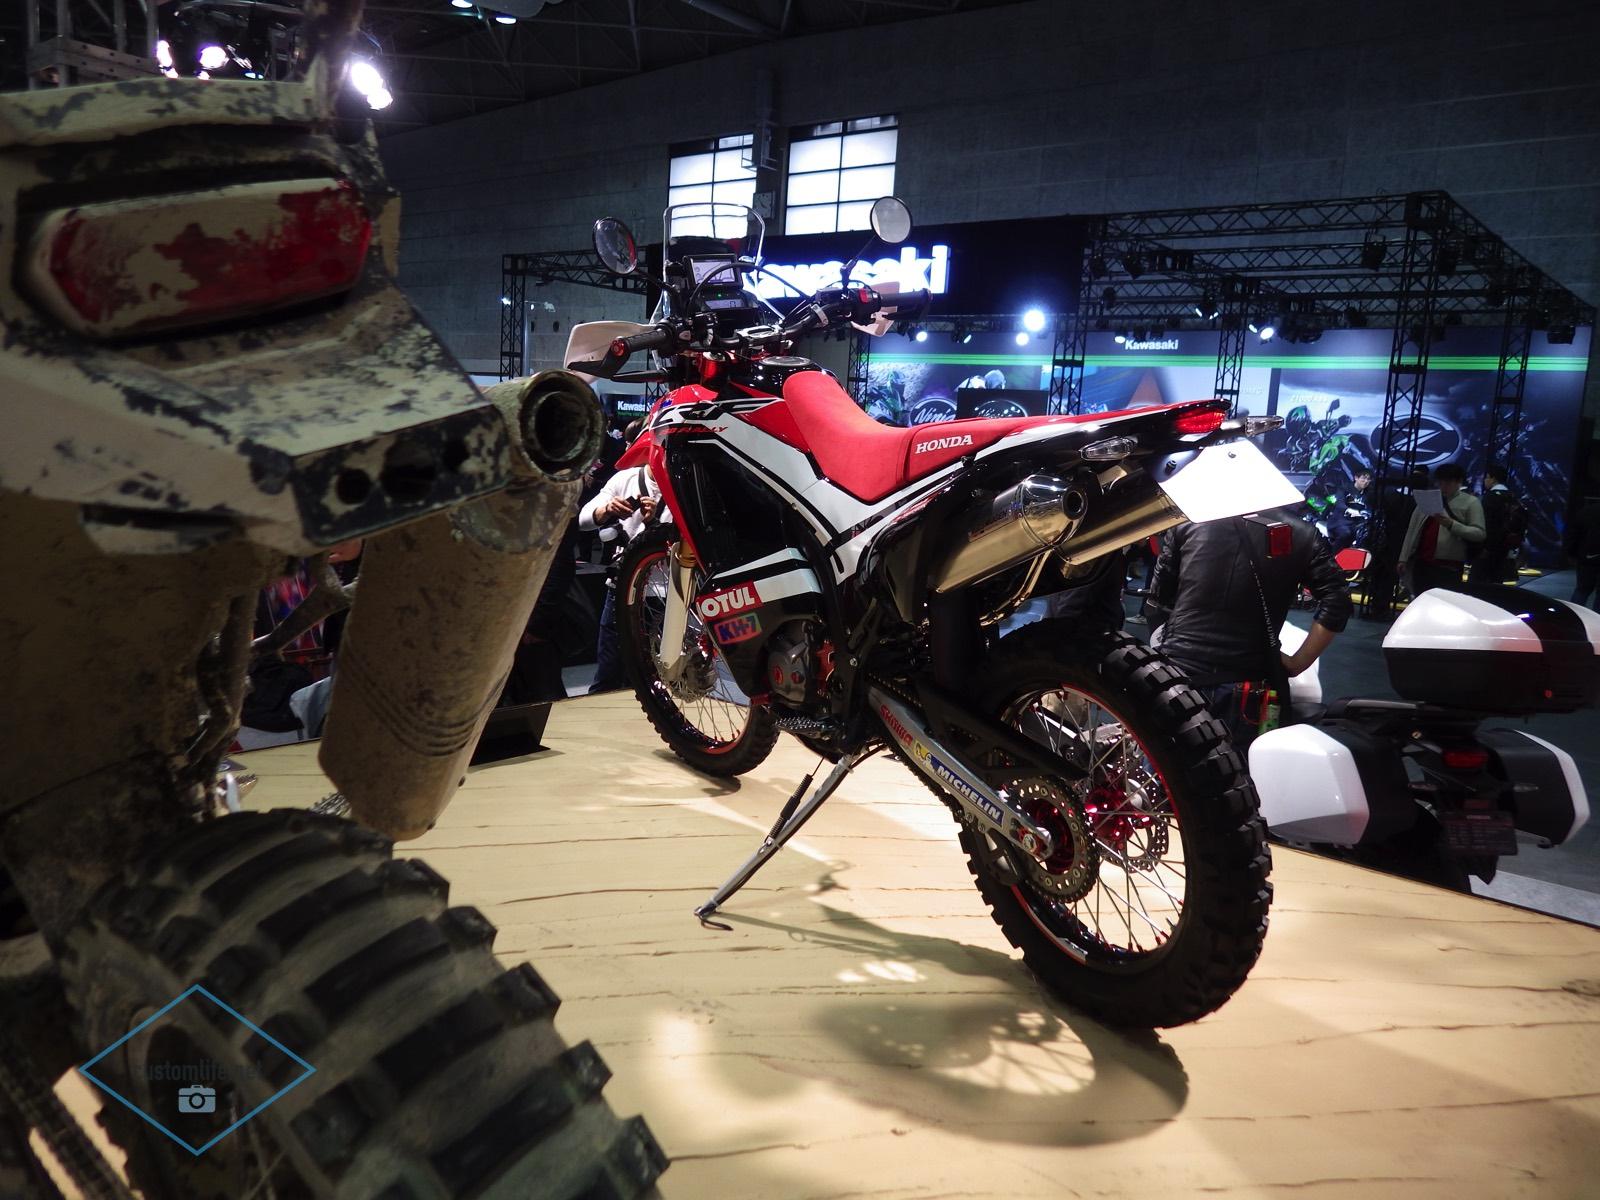 MotorcycleShow 2015 Osaka 53